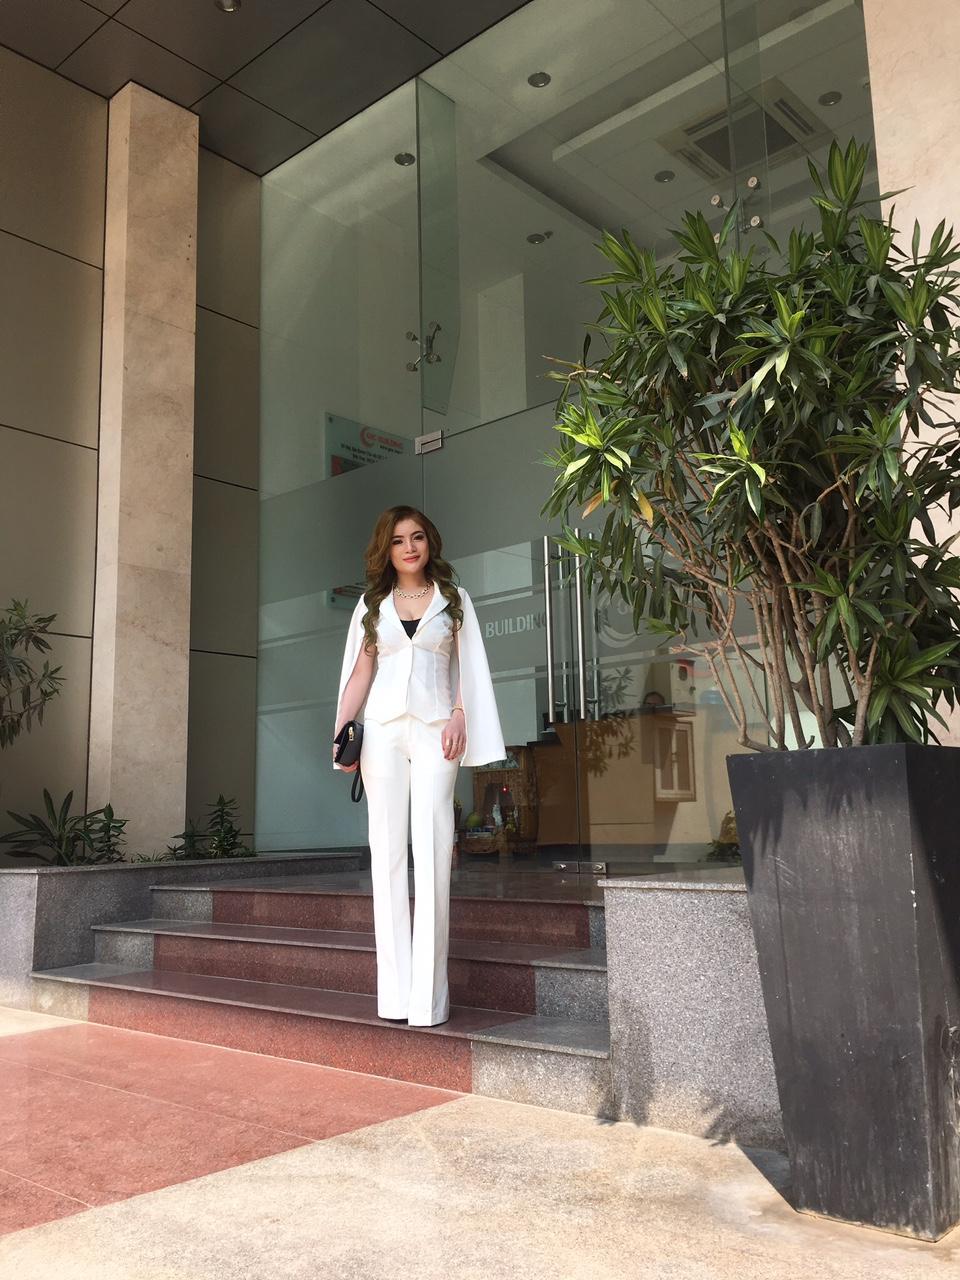 Võ Thị Thùy Hương Tự Tin Khoe Cá Tính Tại Nữ Hoàng Doanh Nhân Tài Năng 2019